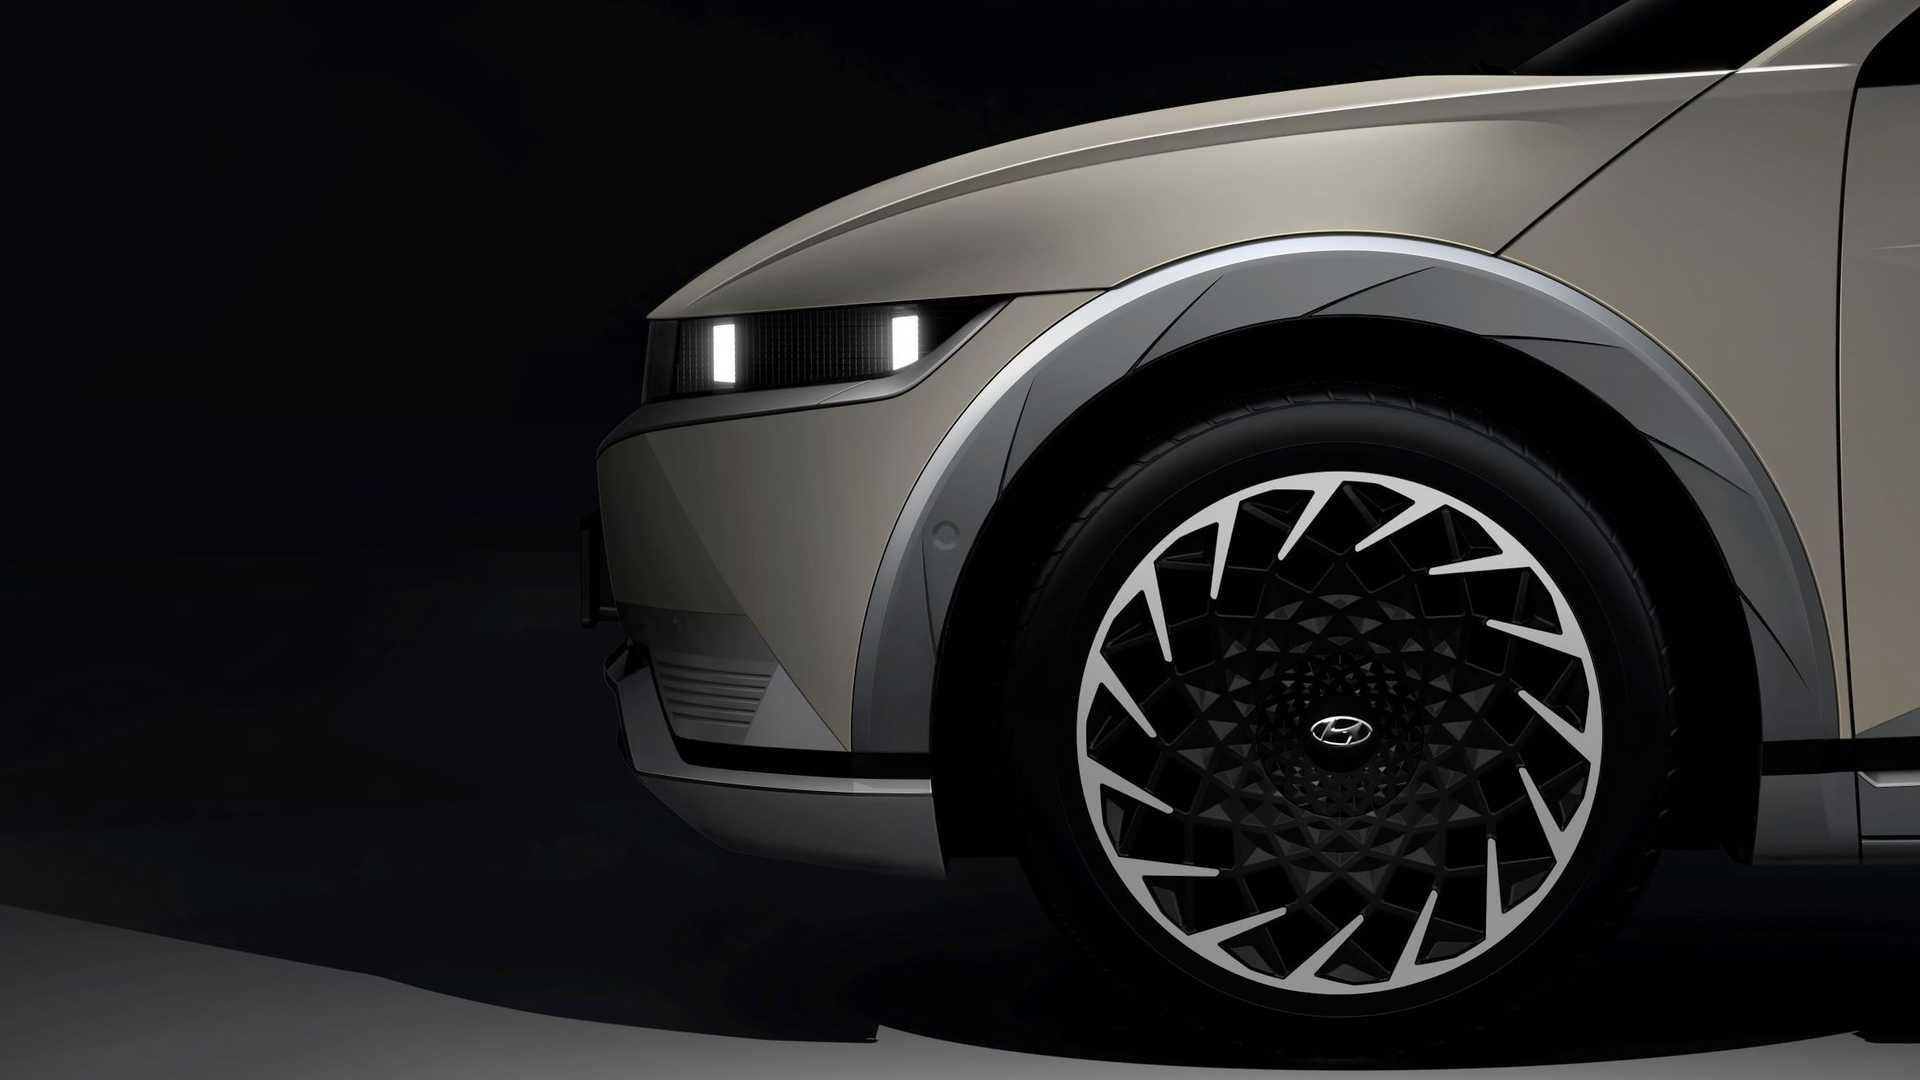 2022-hyundai-ioniq-5-teaser-wheel